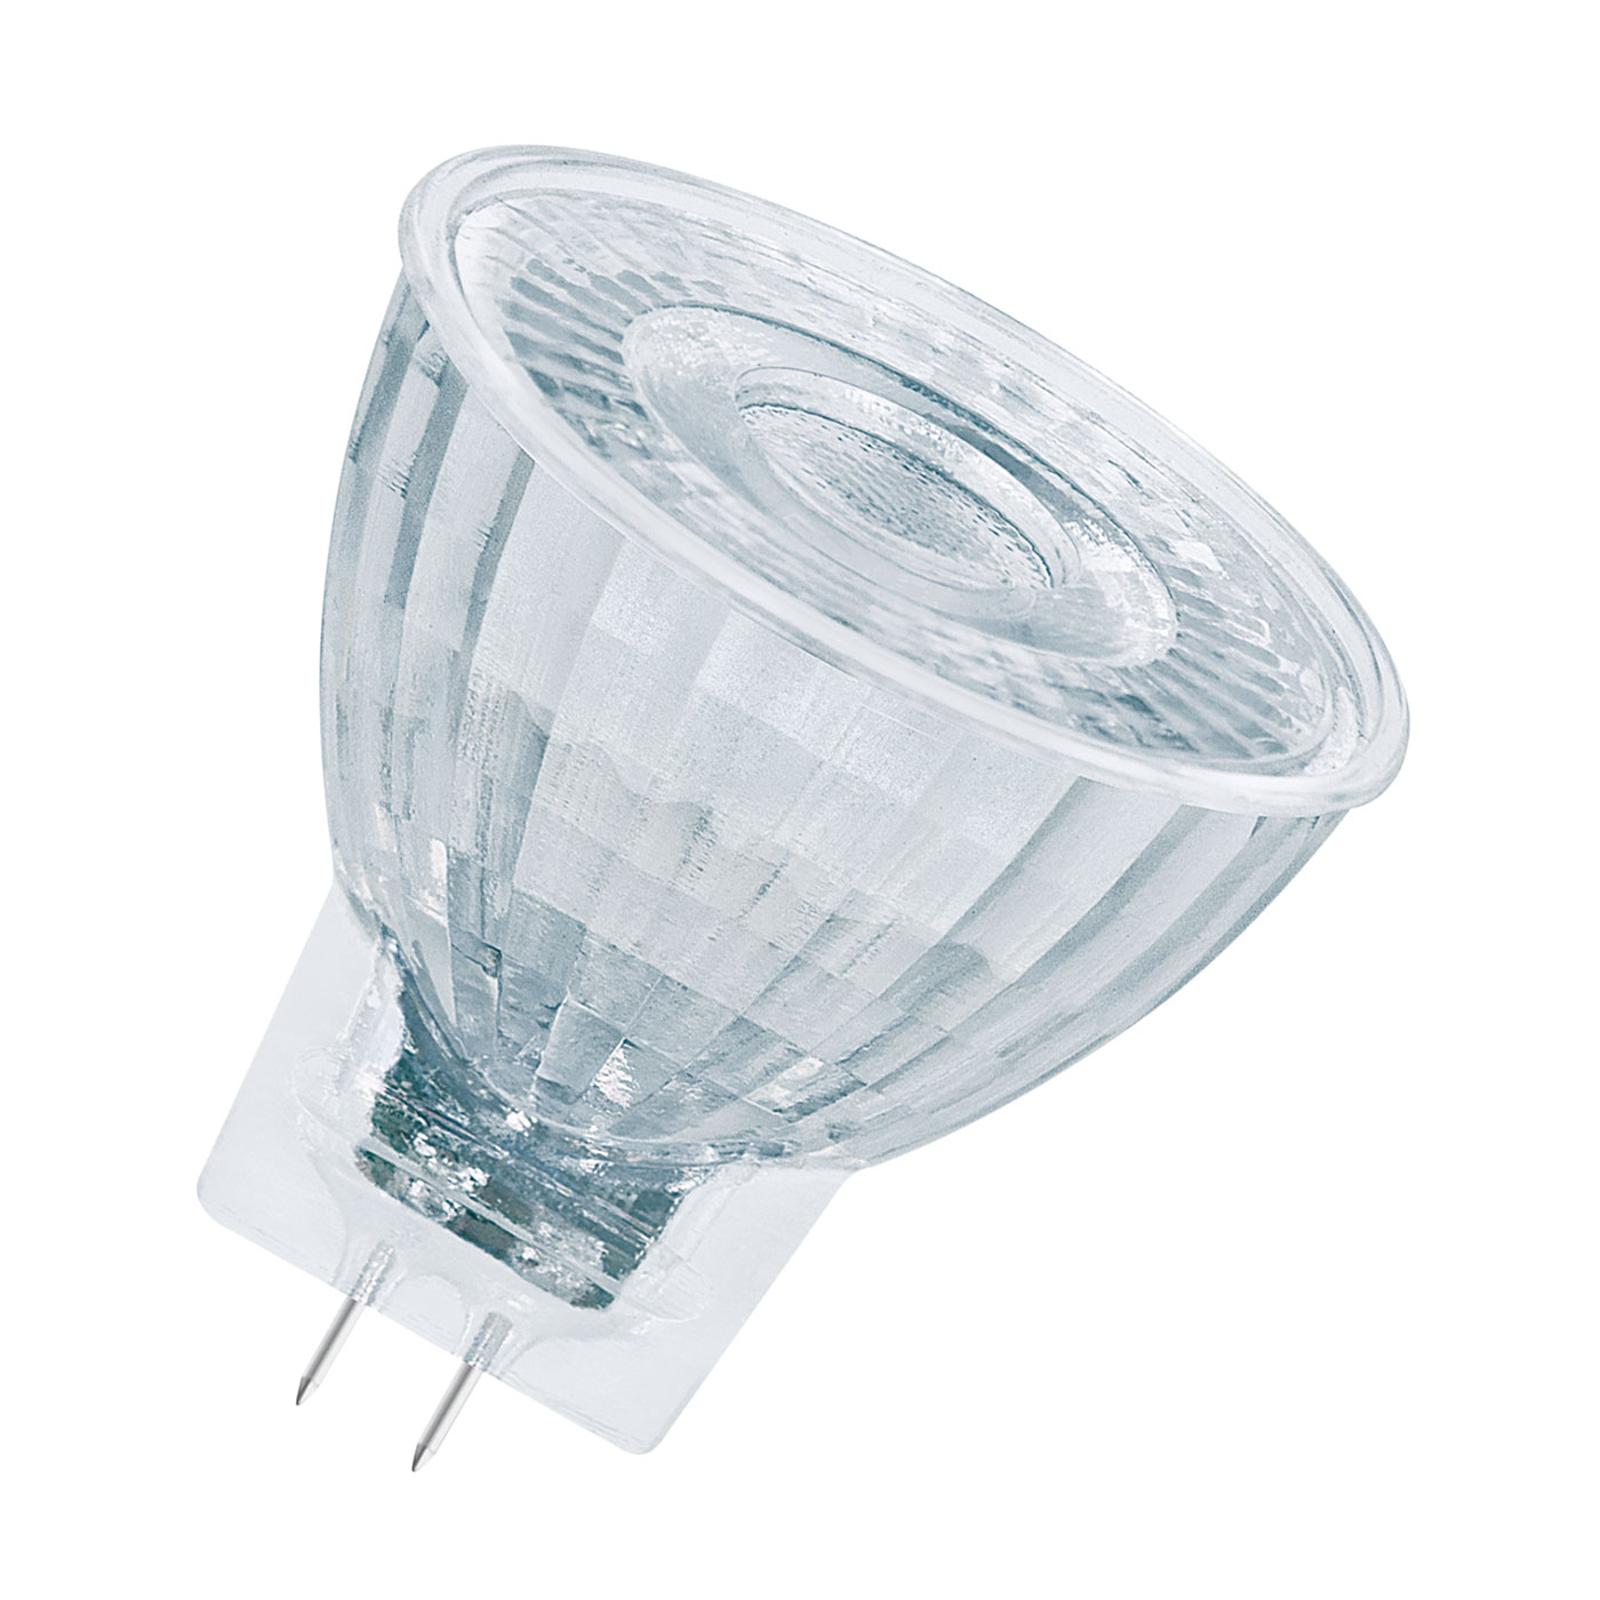 OSRAM LED-Reflektor GU4 3,2W 927 36° dimmbar